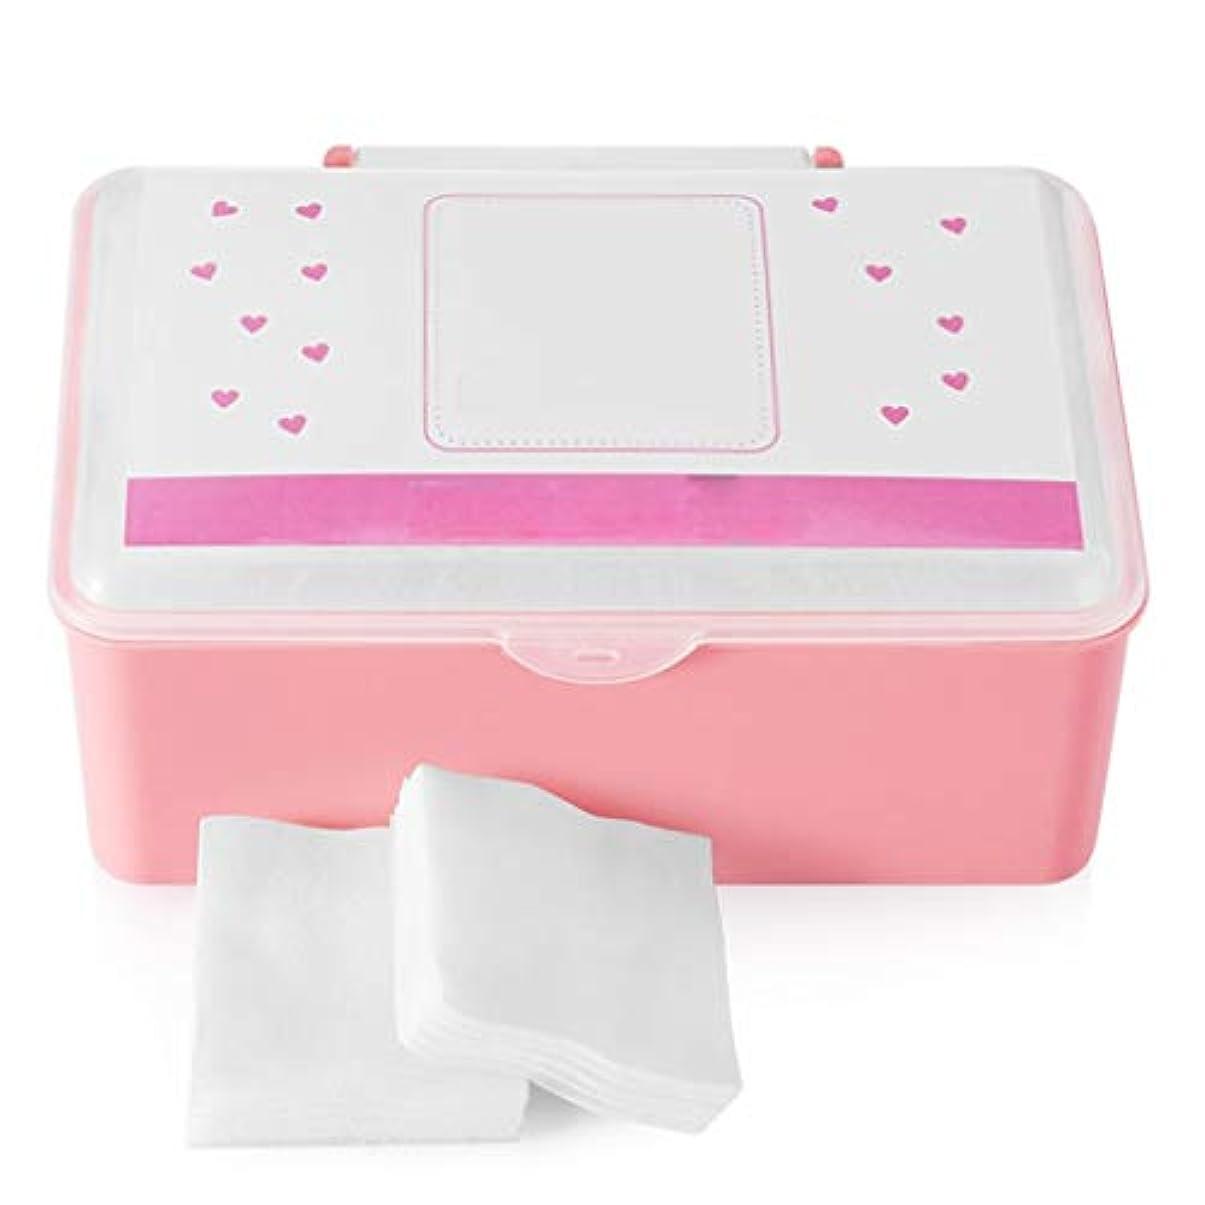 こだわり食事を調理する割るクレンジングシート コットンパッドコットンクレンジングコットンフェイス付き薄いセクション水分補給ウェット圧縮スペシャルボックス入り1000ピース (Color : White)